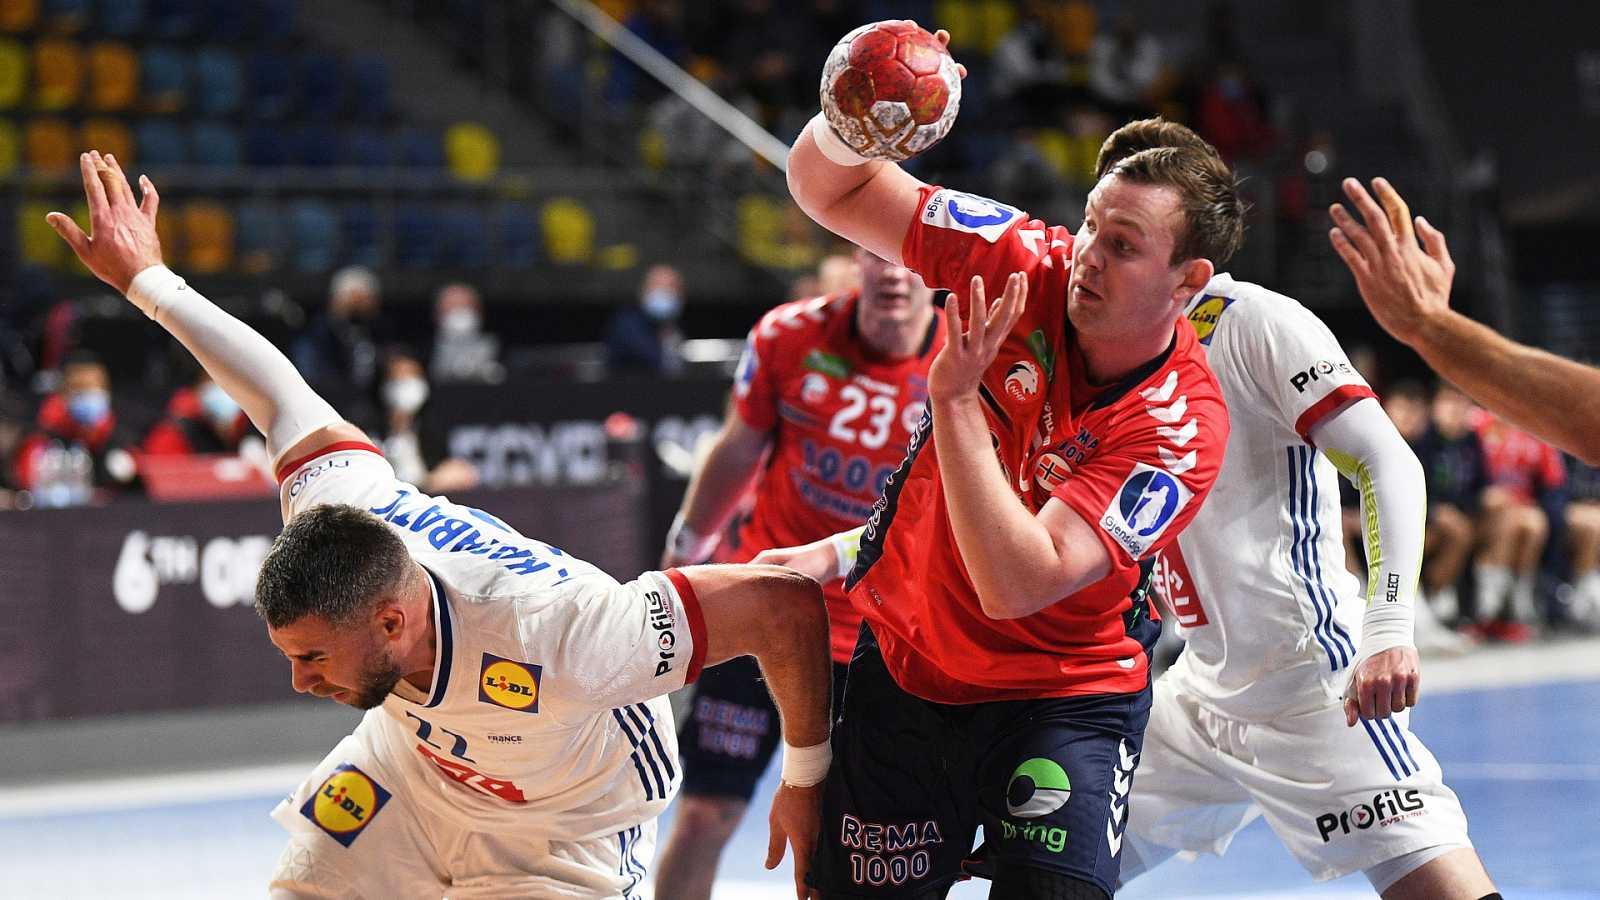 Balonmano - Campeonato del Mundo masculino: Noruega - Francia - ver ahora